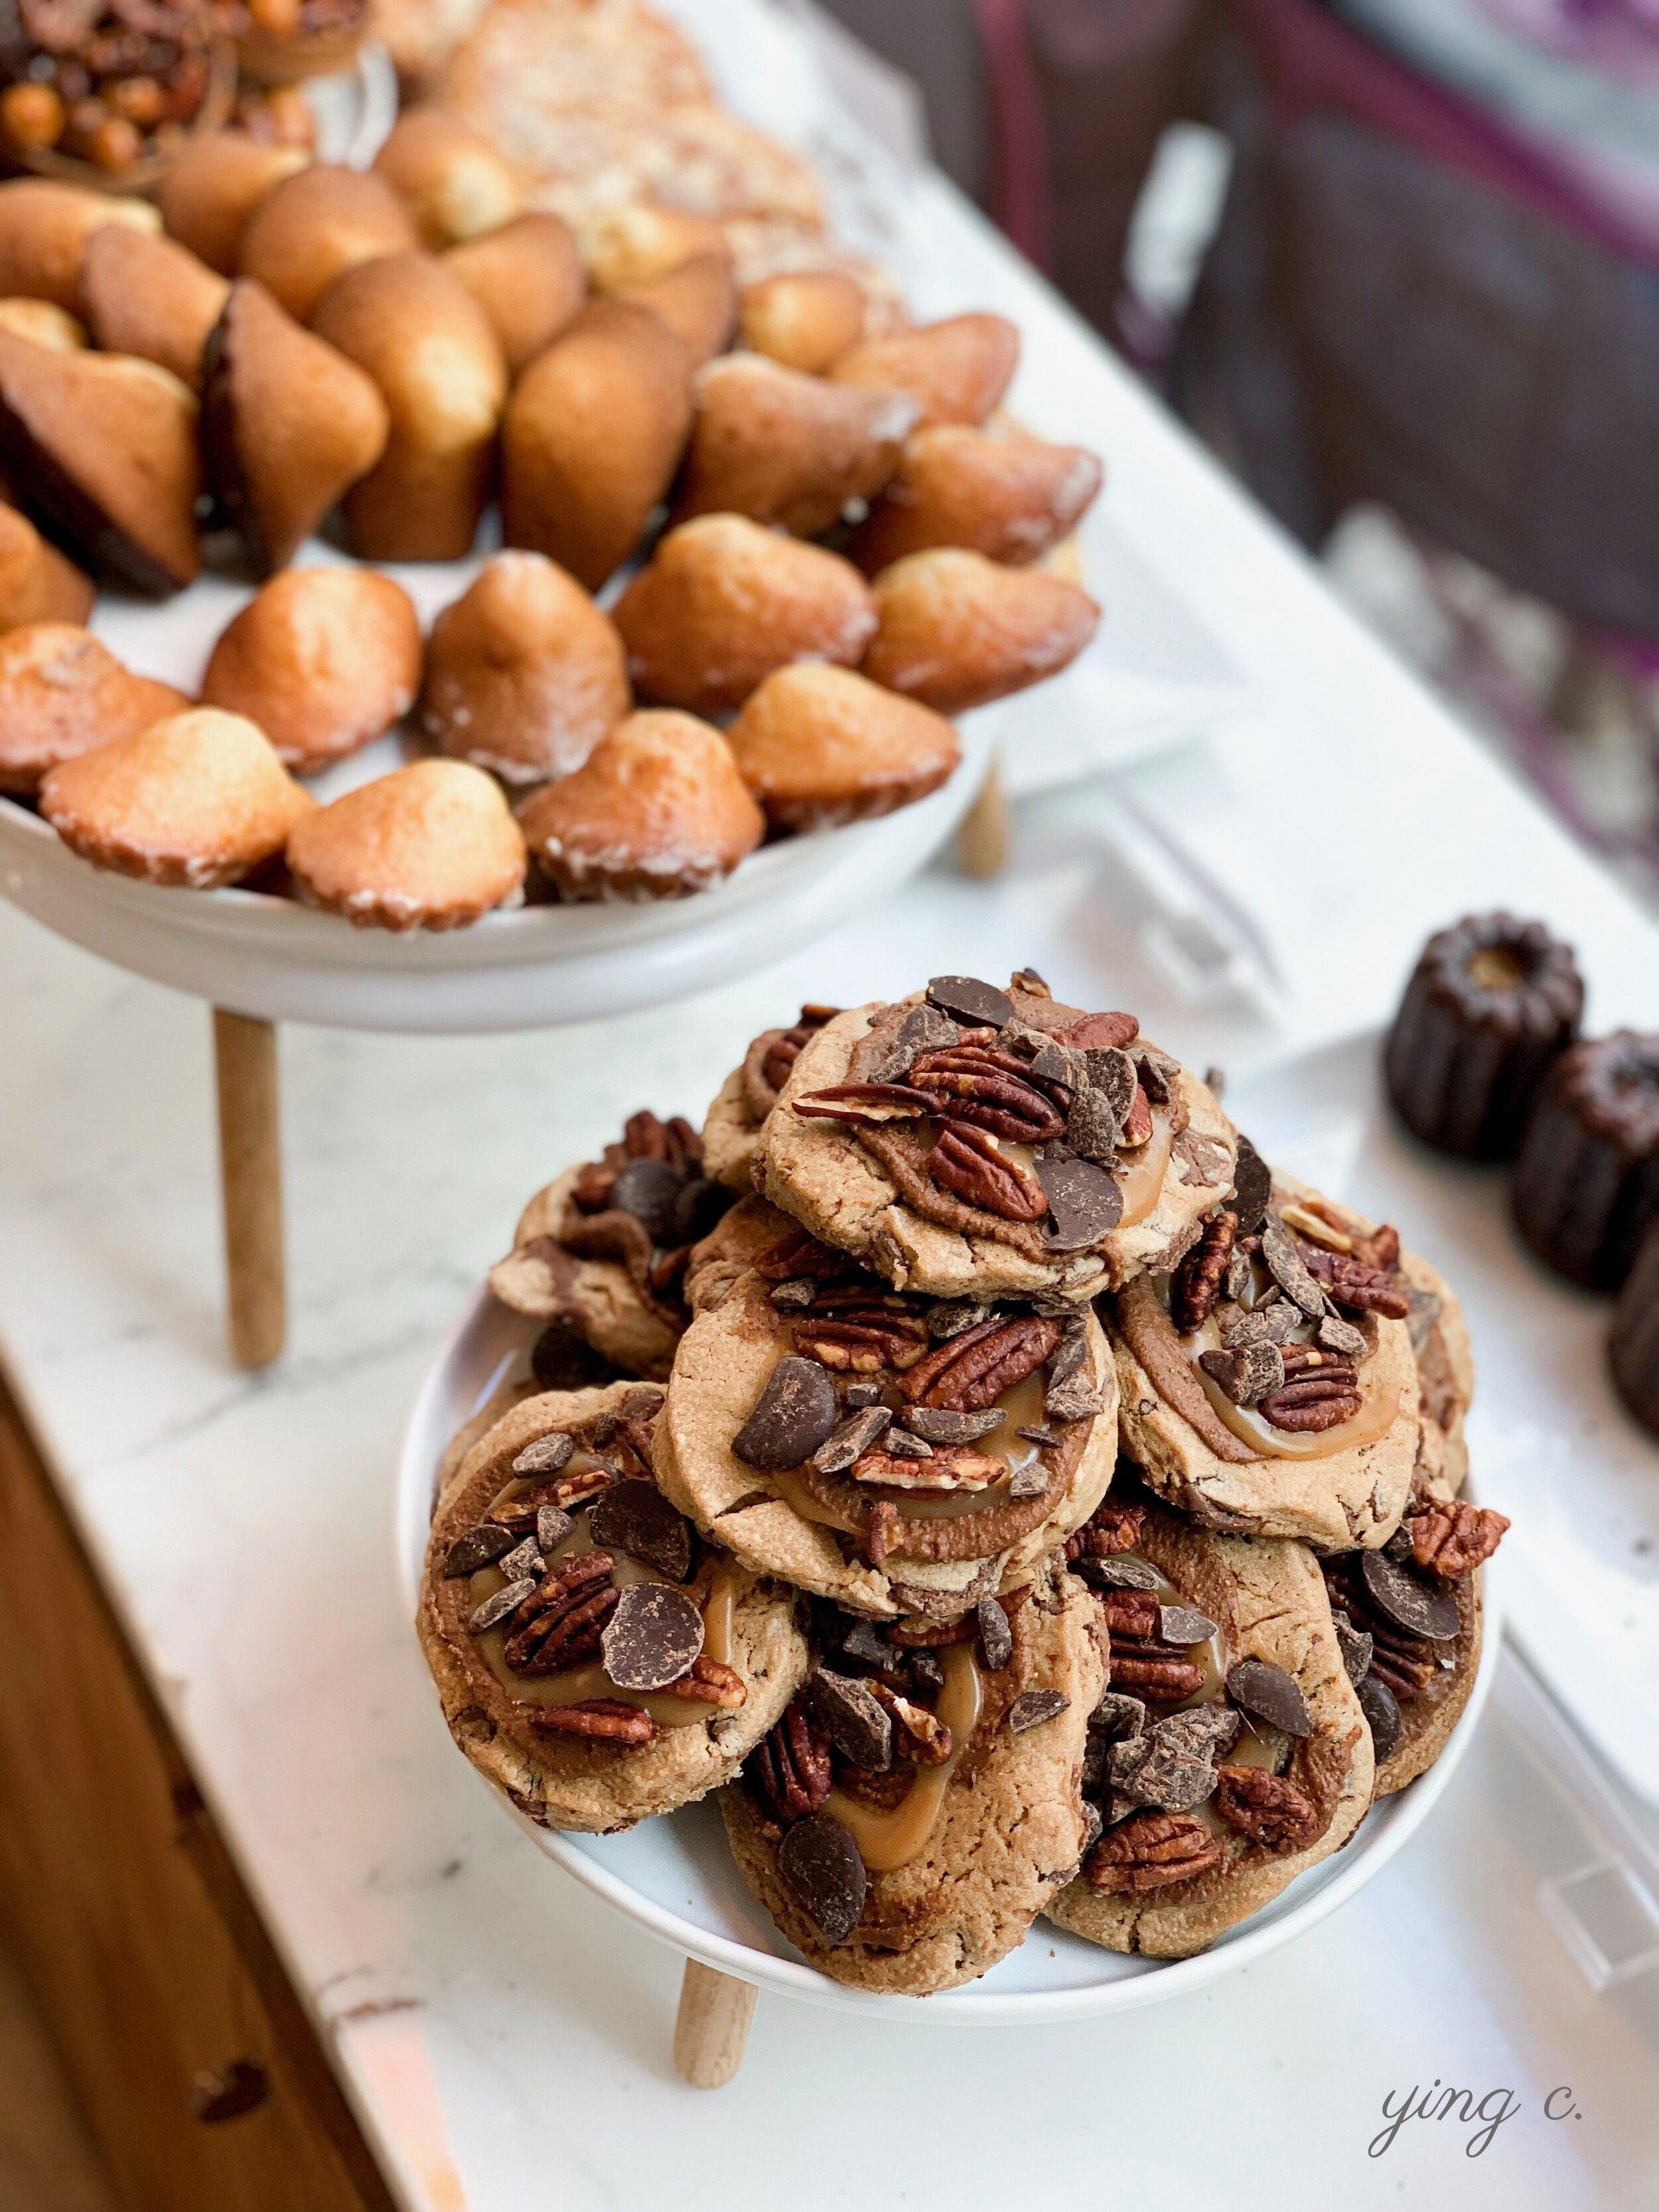 Karamel Paris  的「Cookie au Noix de Pécan」焦糖核桃餅乾,在餅乾麵糰上另外加上焦糖醬,並以巧克力片、核桃做為裝飾,徹底貫徹了法式甜點的精神,和你熟悉的美式餅乾有微妙的不同。